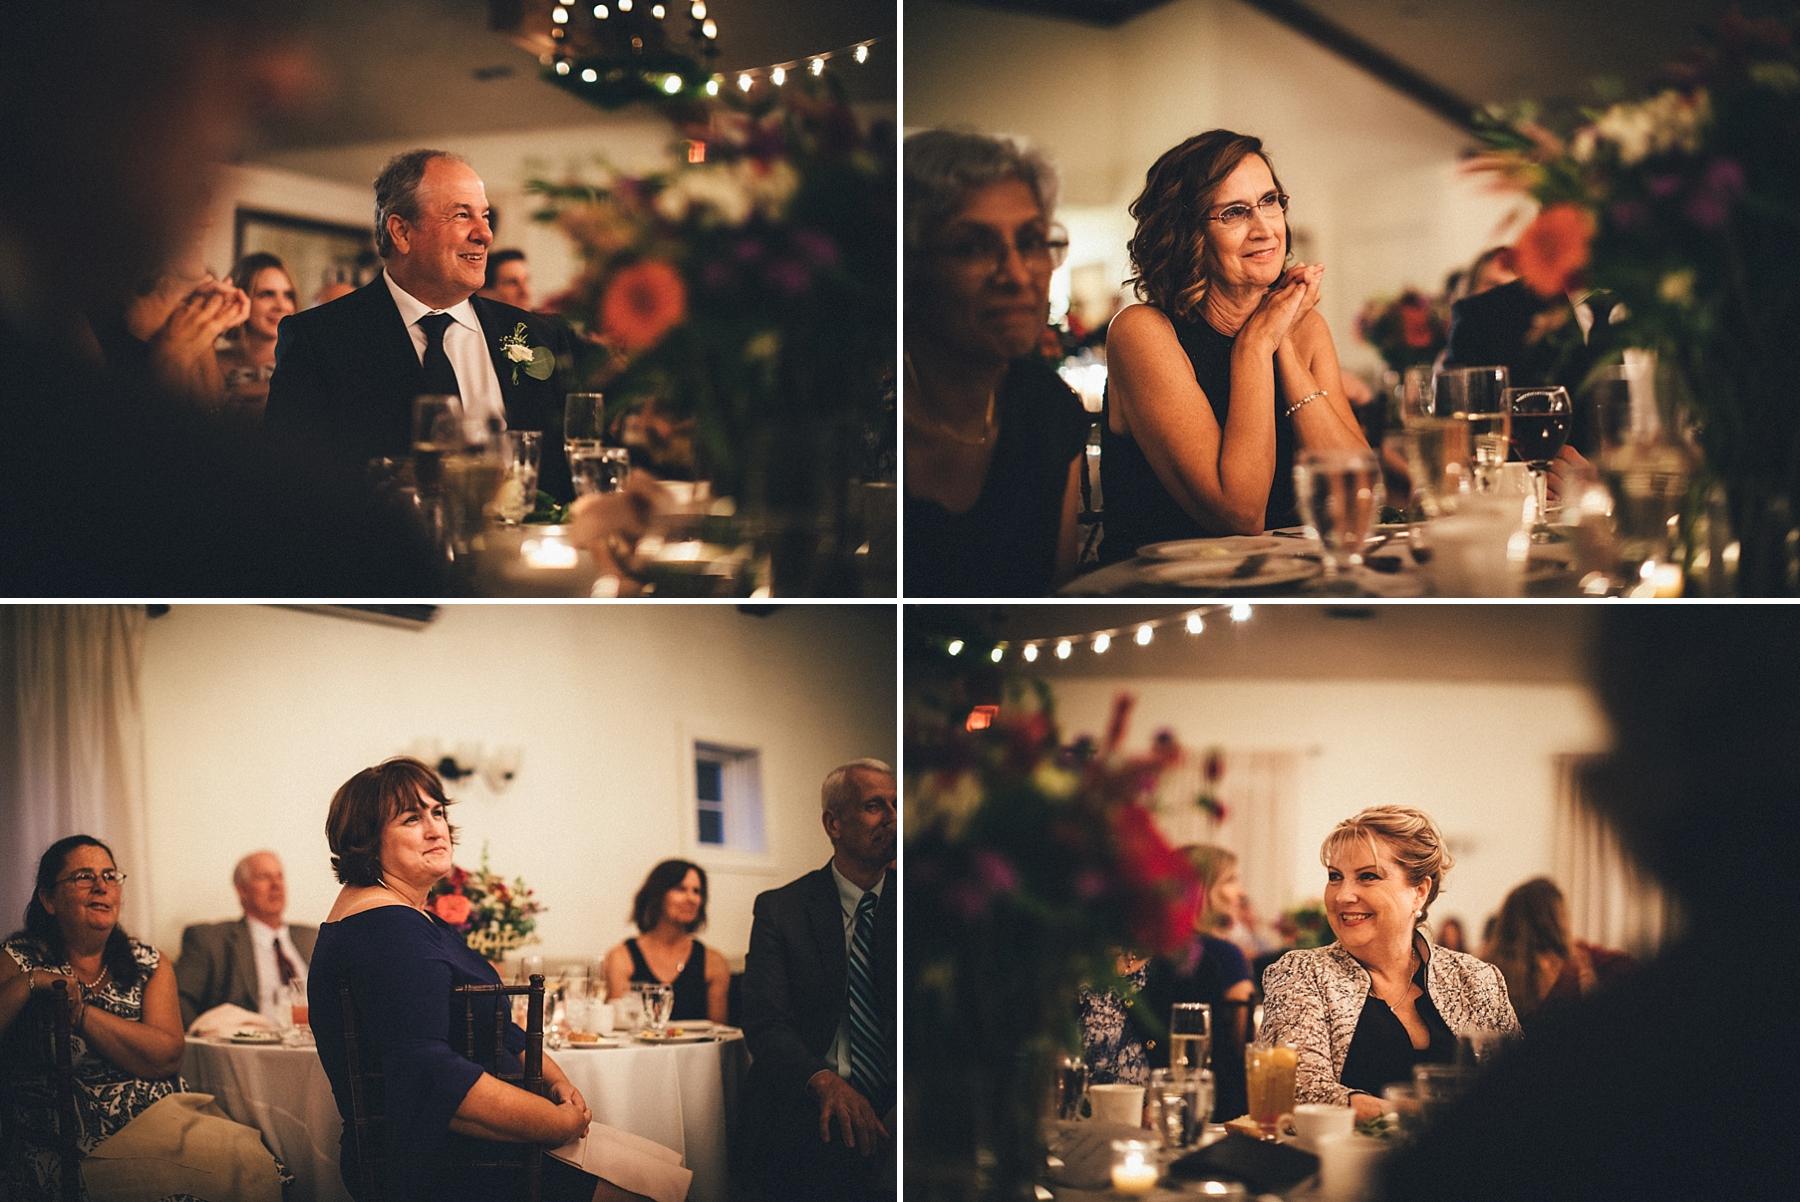 childhood-home-wedding-new-hope-pa-lambertville-nj_0102.jpg